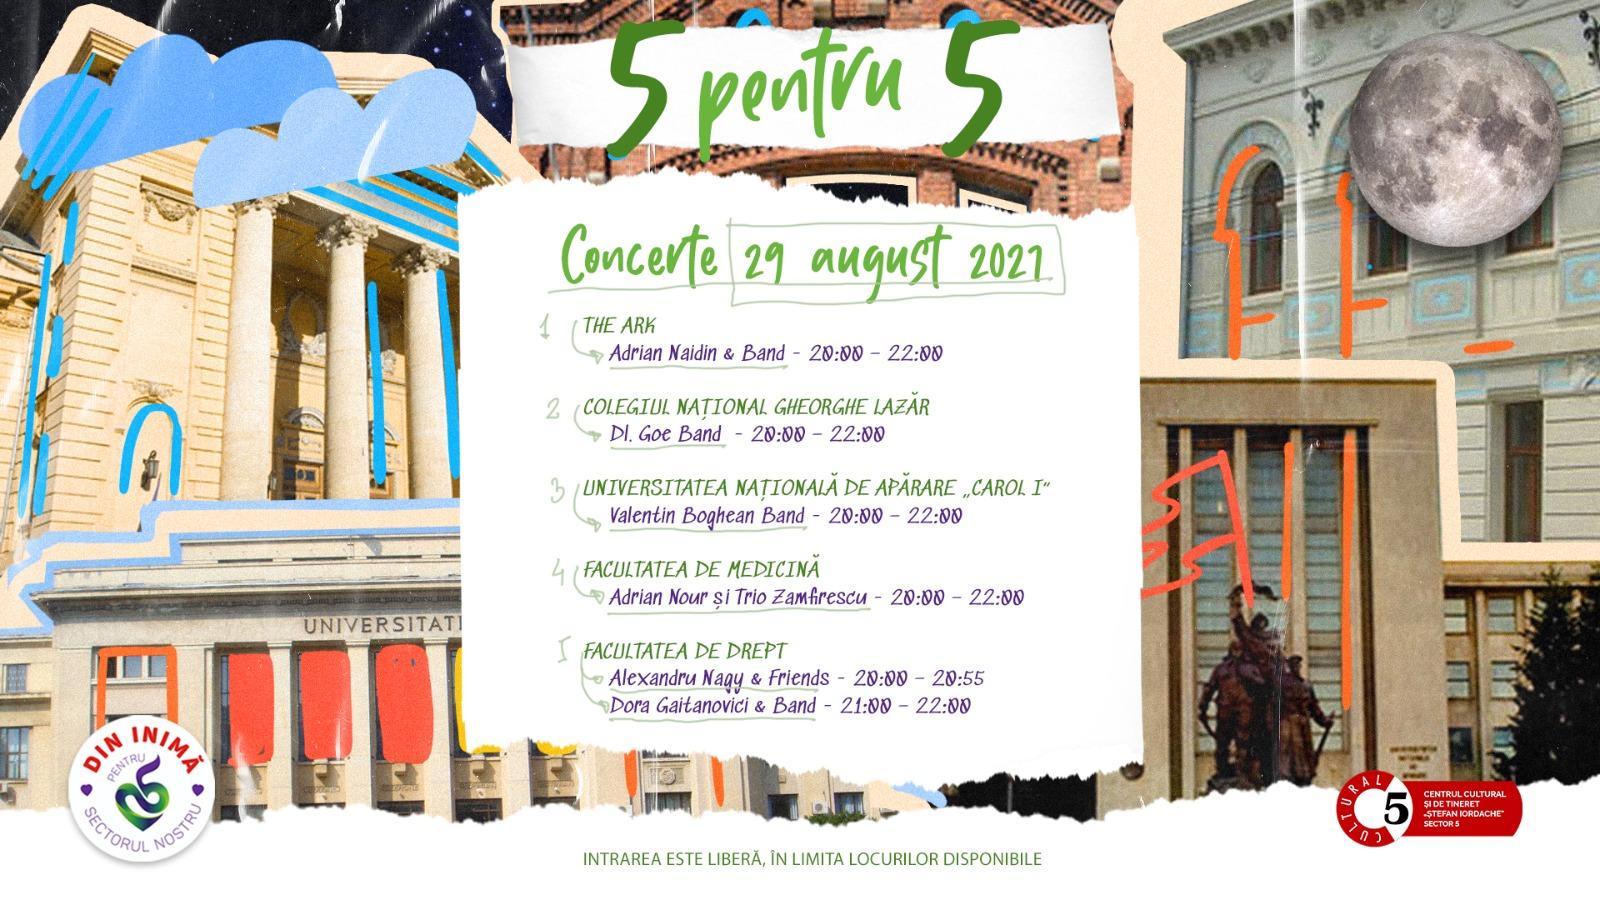 """Continuă proiectul """"5 pentru 5"""". Ce artiști vor cânta în ultima zi a evenimentului care evidențiază clădirile de patrimoniu din București (P)"""